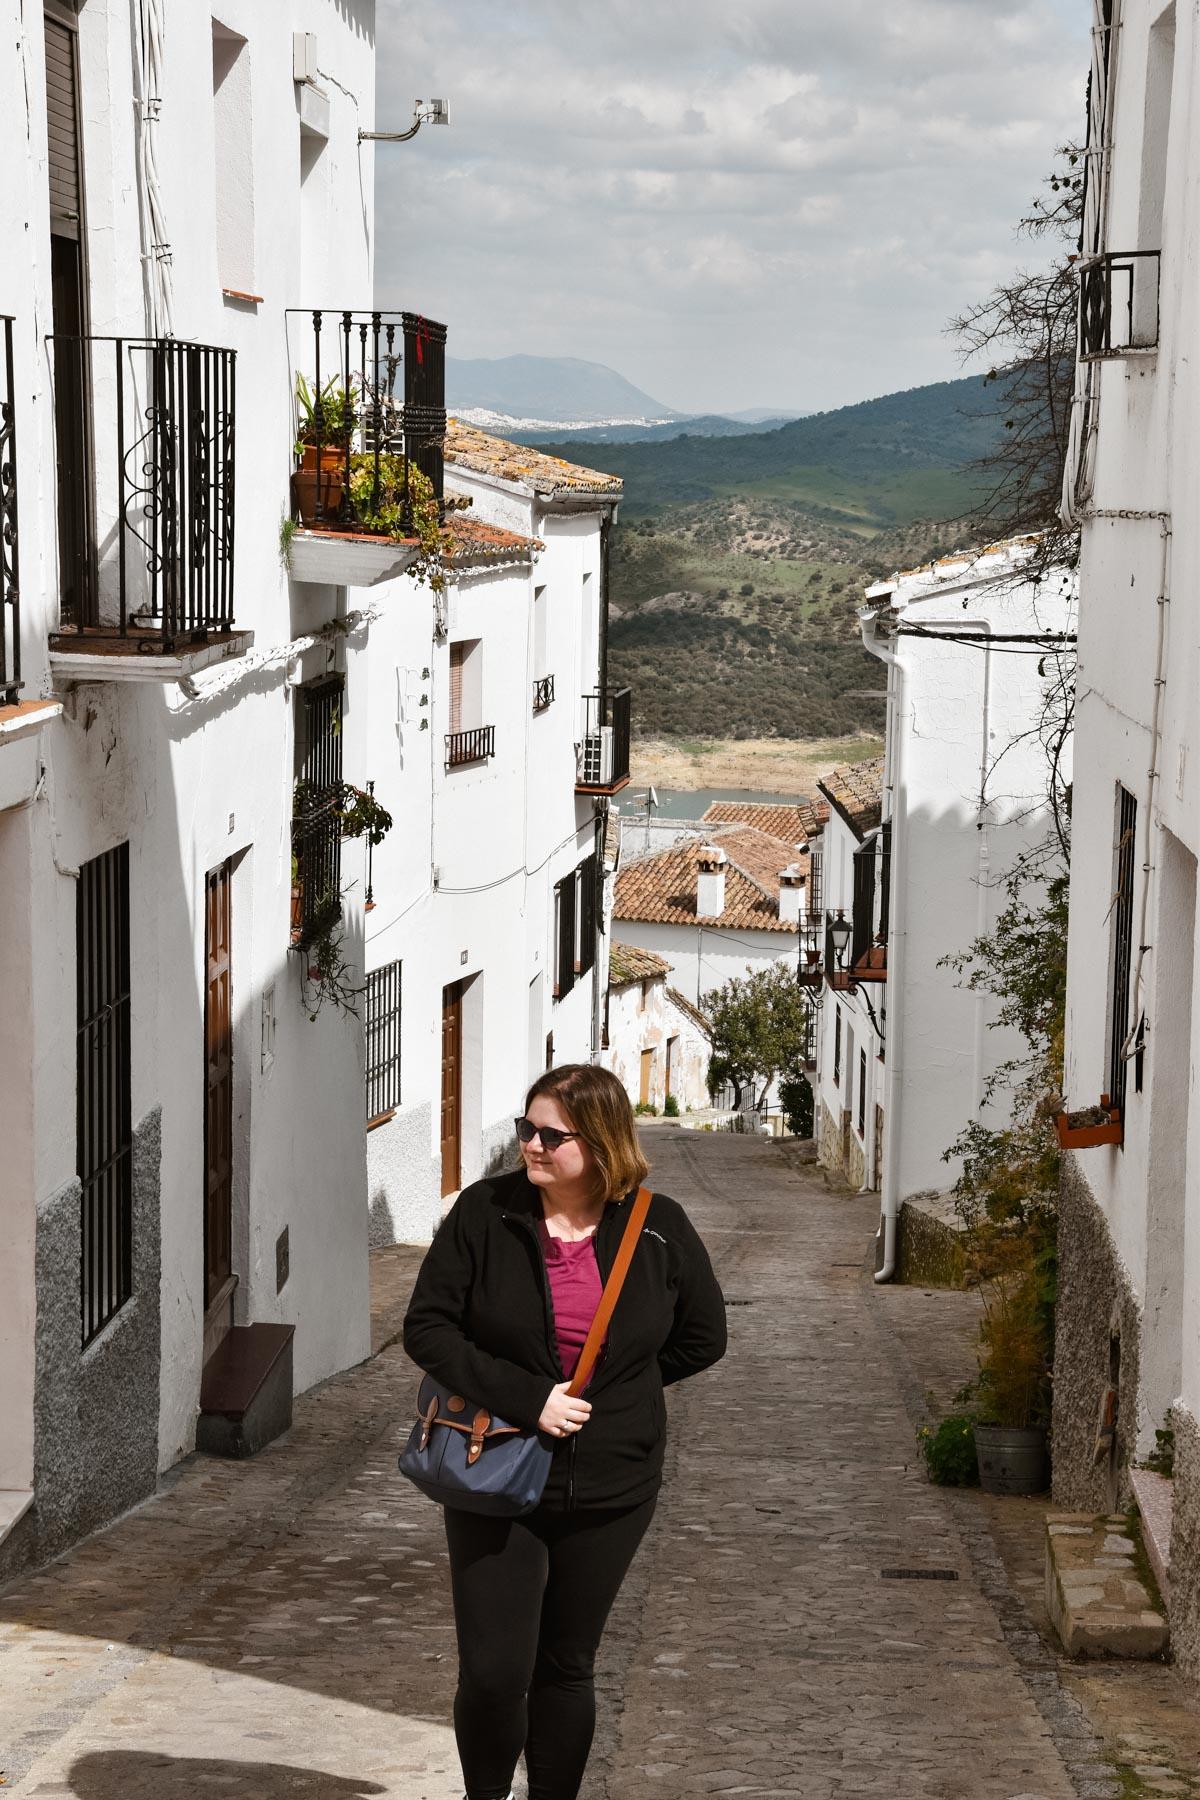 Marie-Catherine dans une petite rue du village blanc Zahara de la Sierra, Andalousie